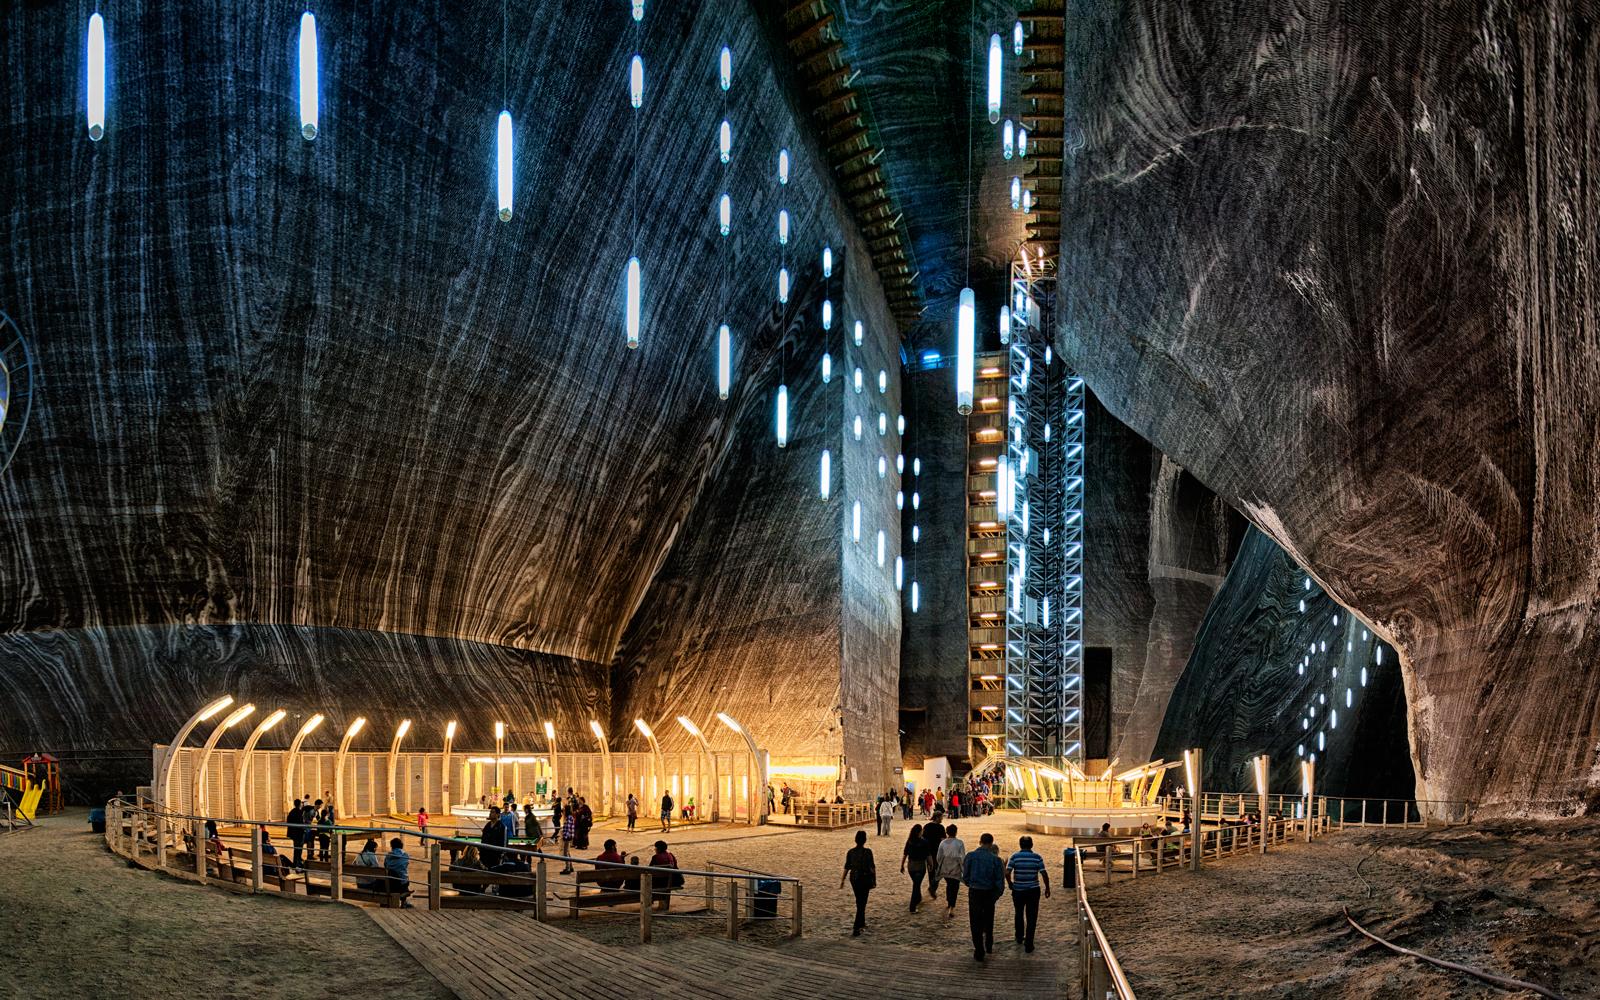 Prenamijenjen rudnik soli u rumunjskom gradu Turdi. Izvor: Wikipedia